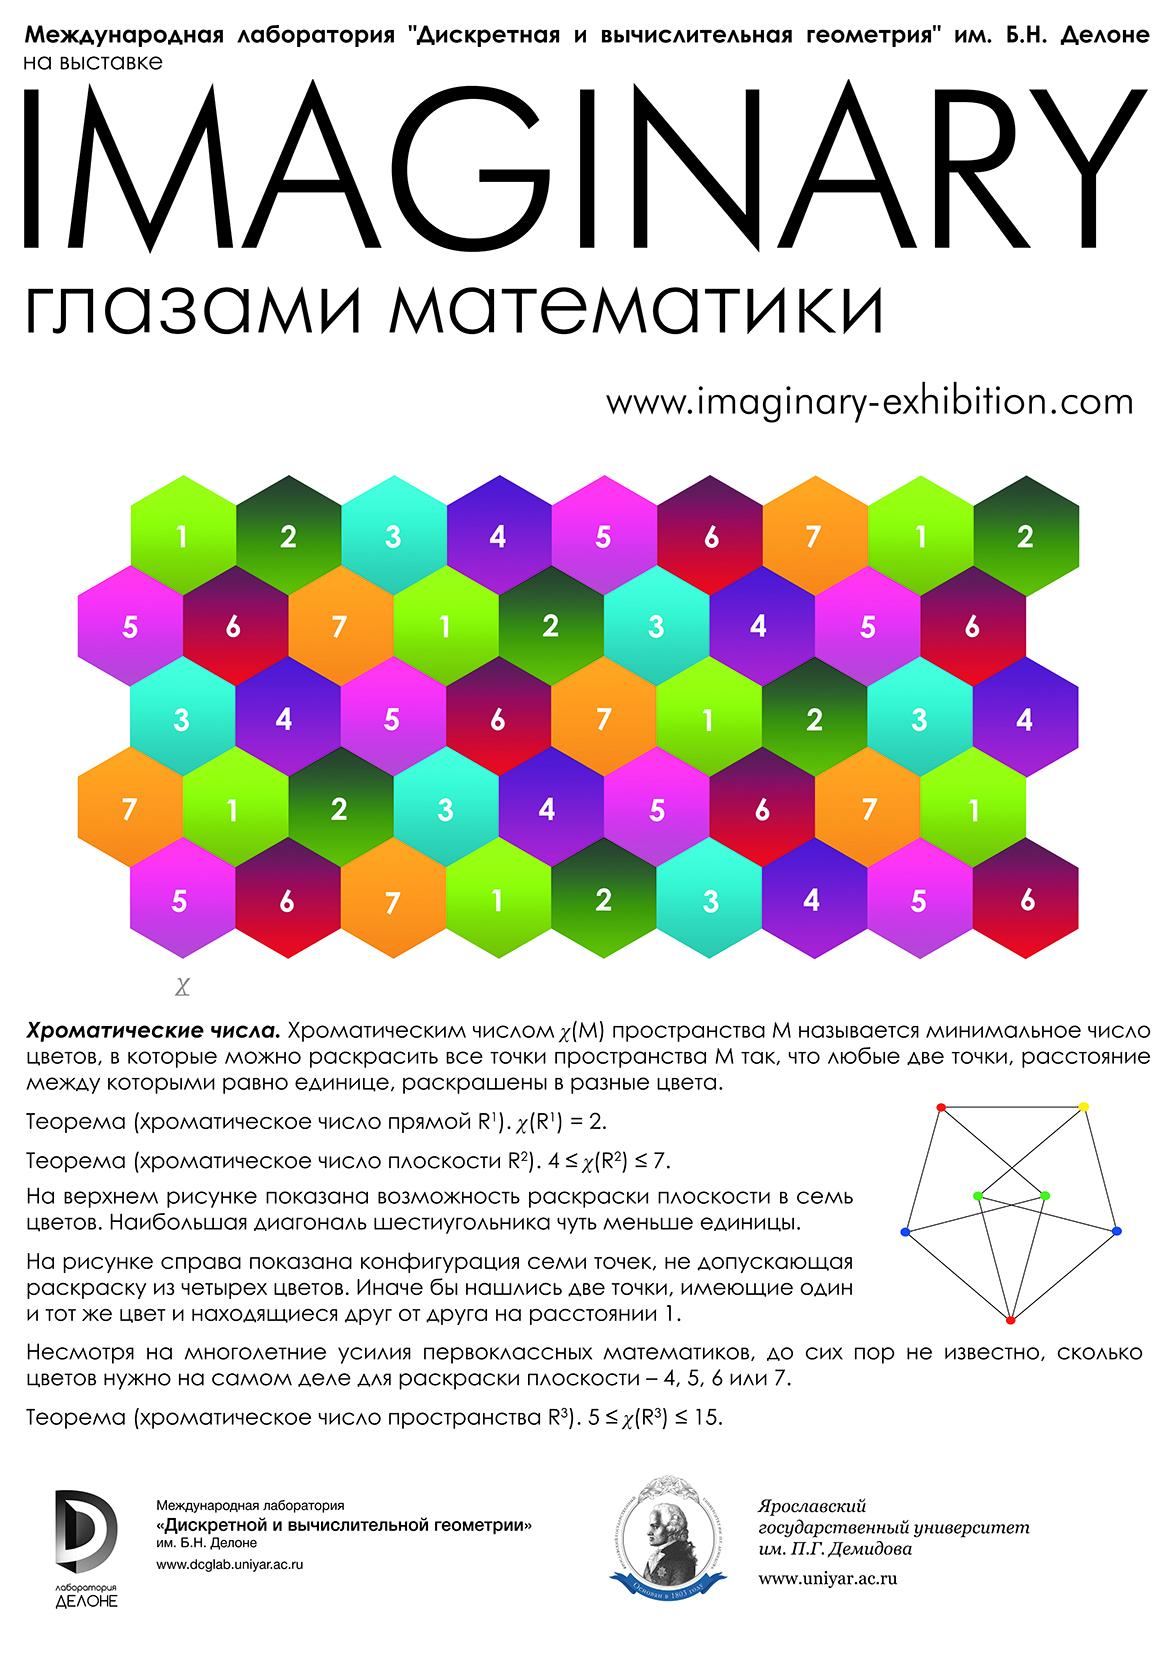 Хроматические числа